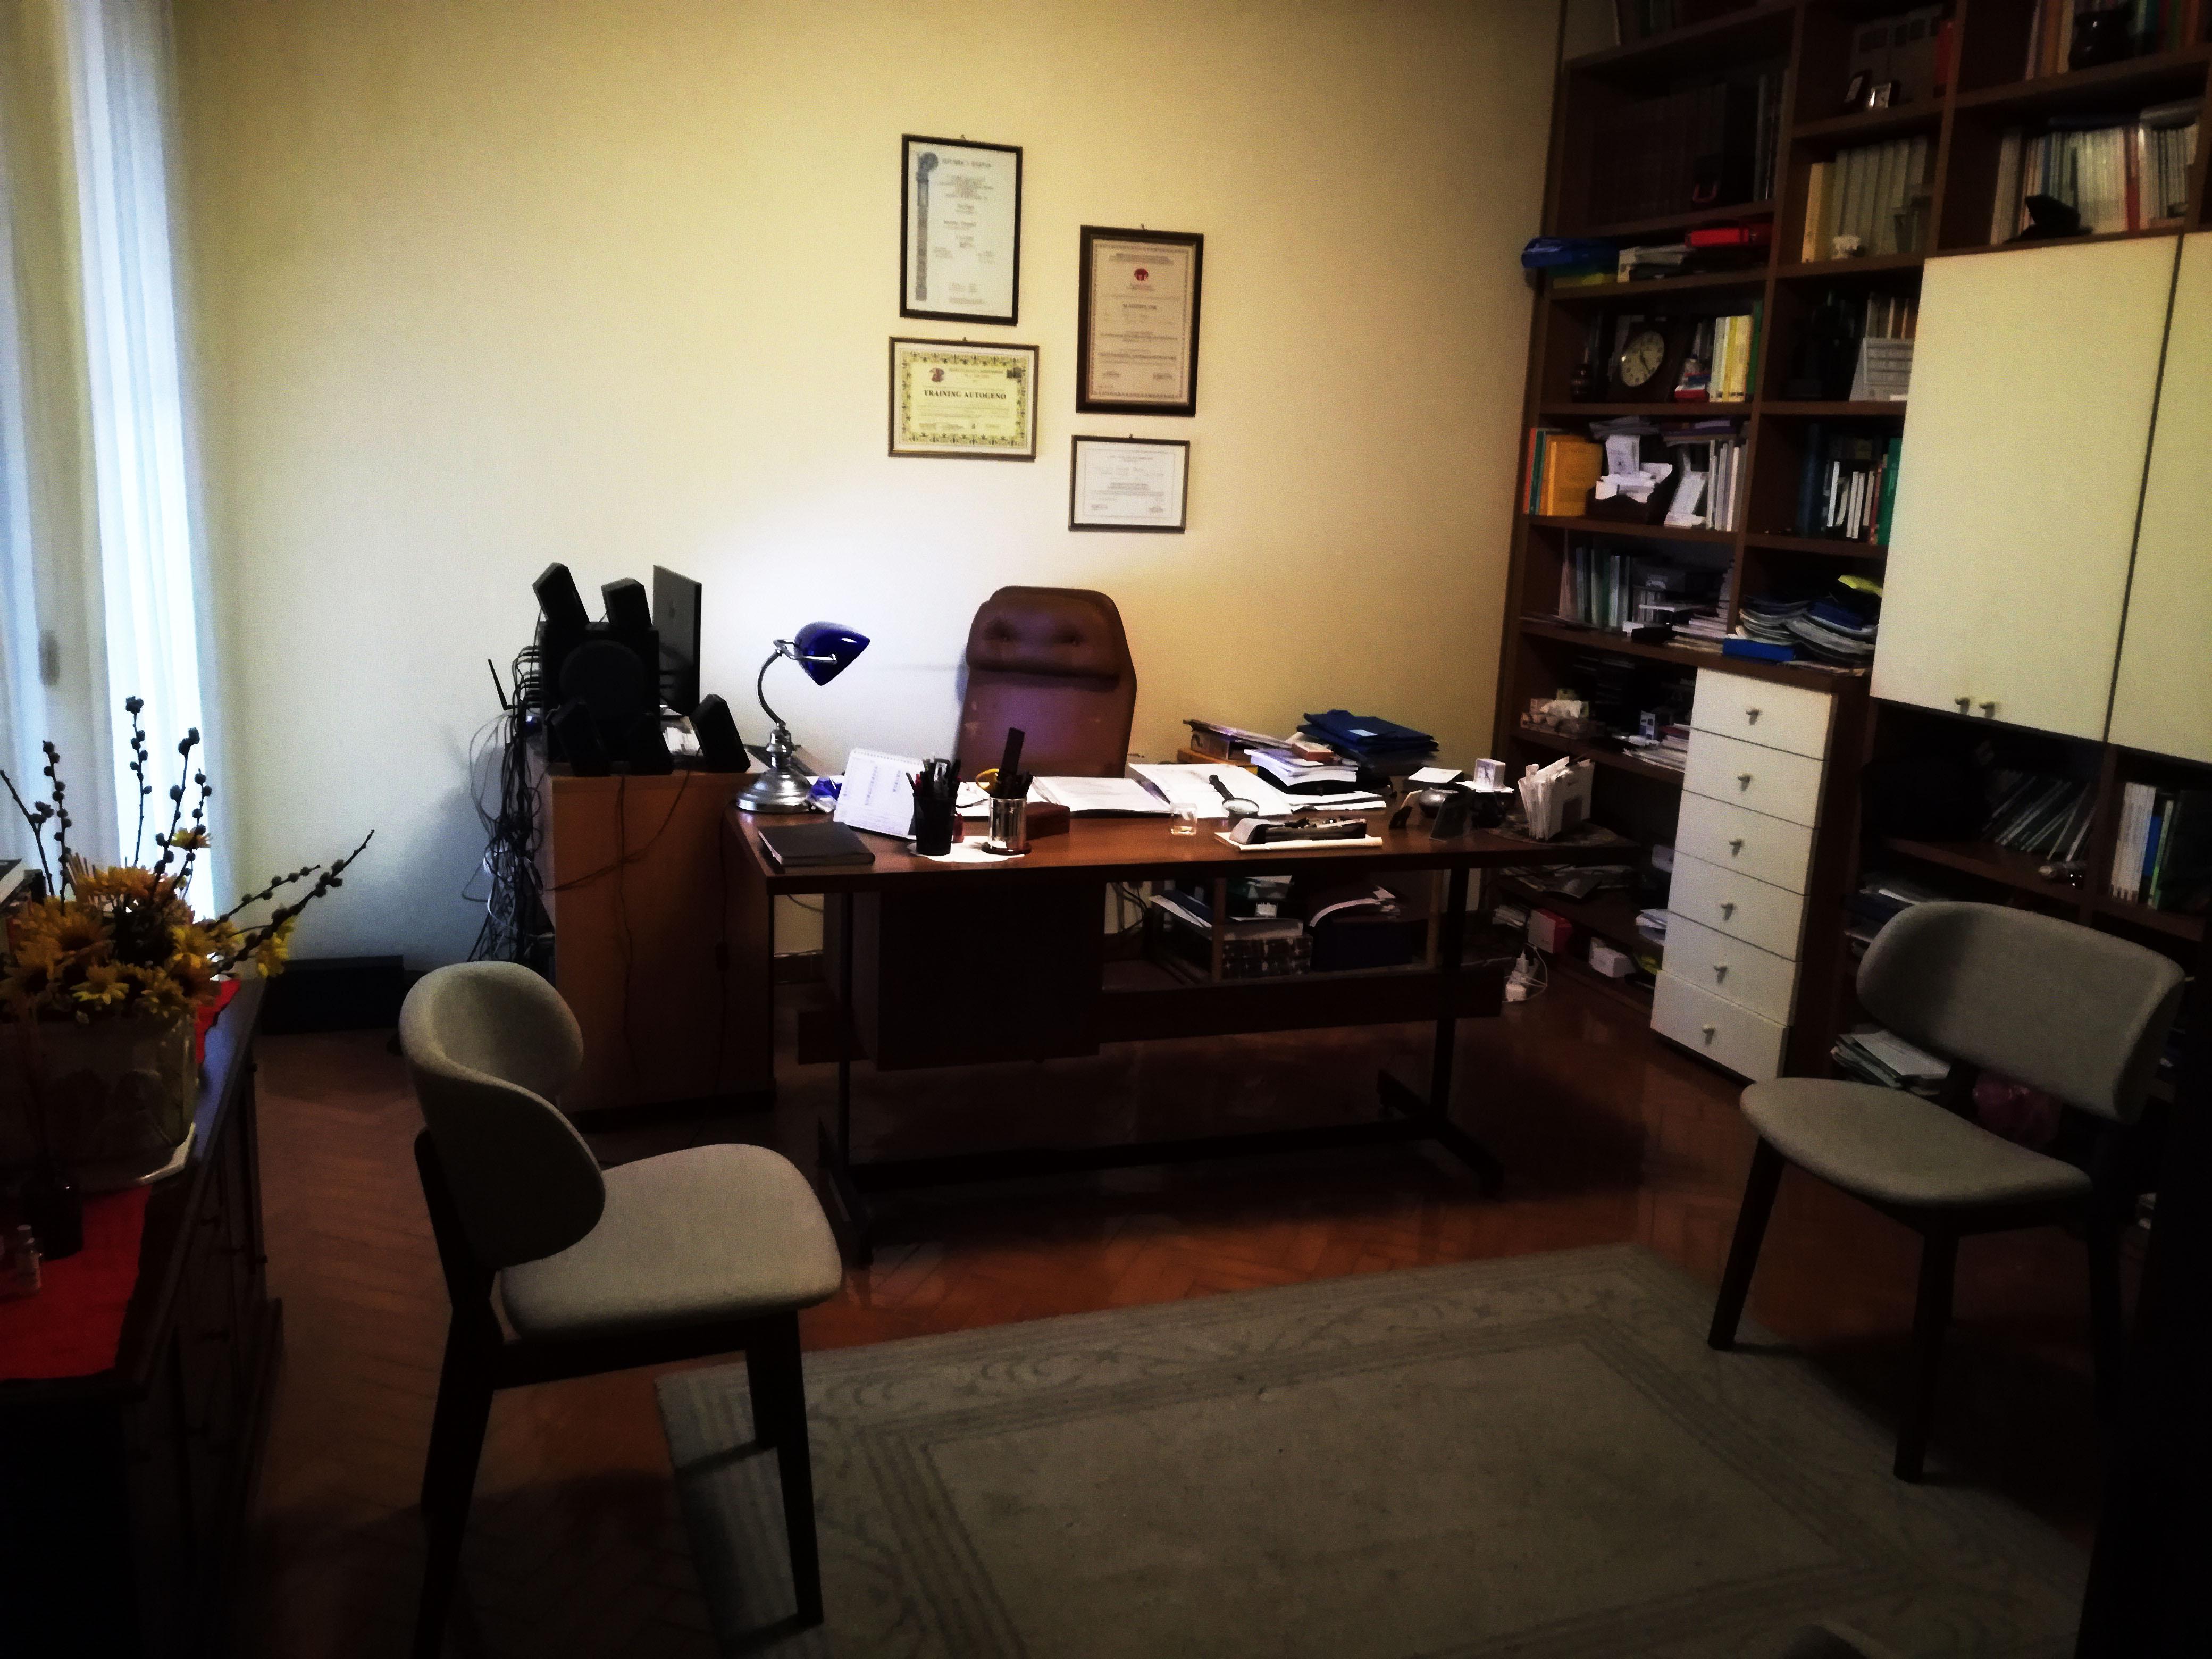 Studio di Psicologia e Psicoterapia - si riceve per appuntamento.